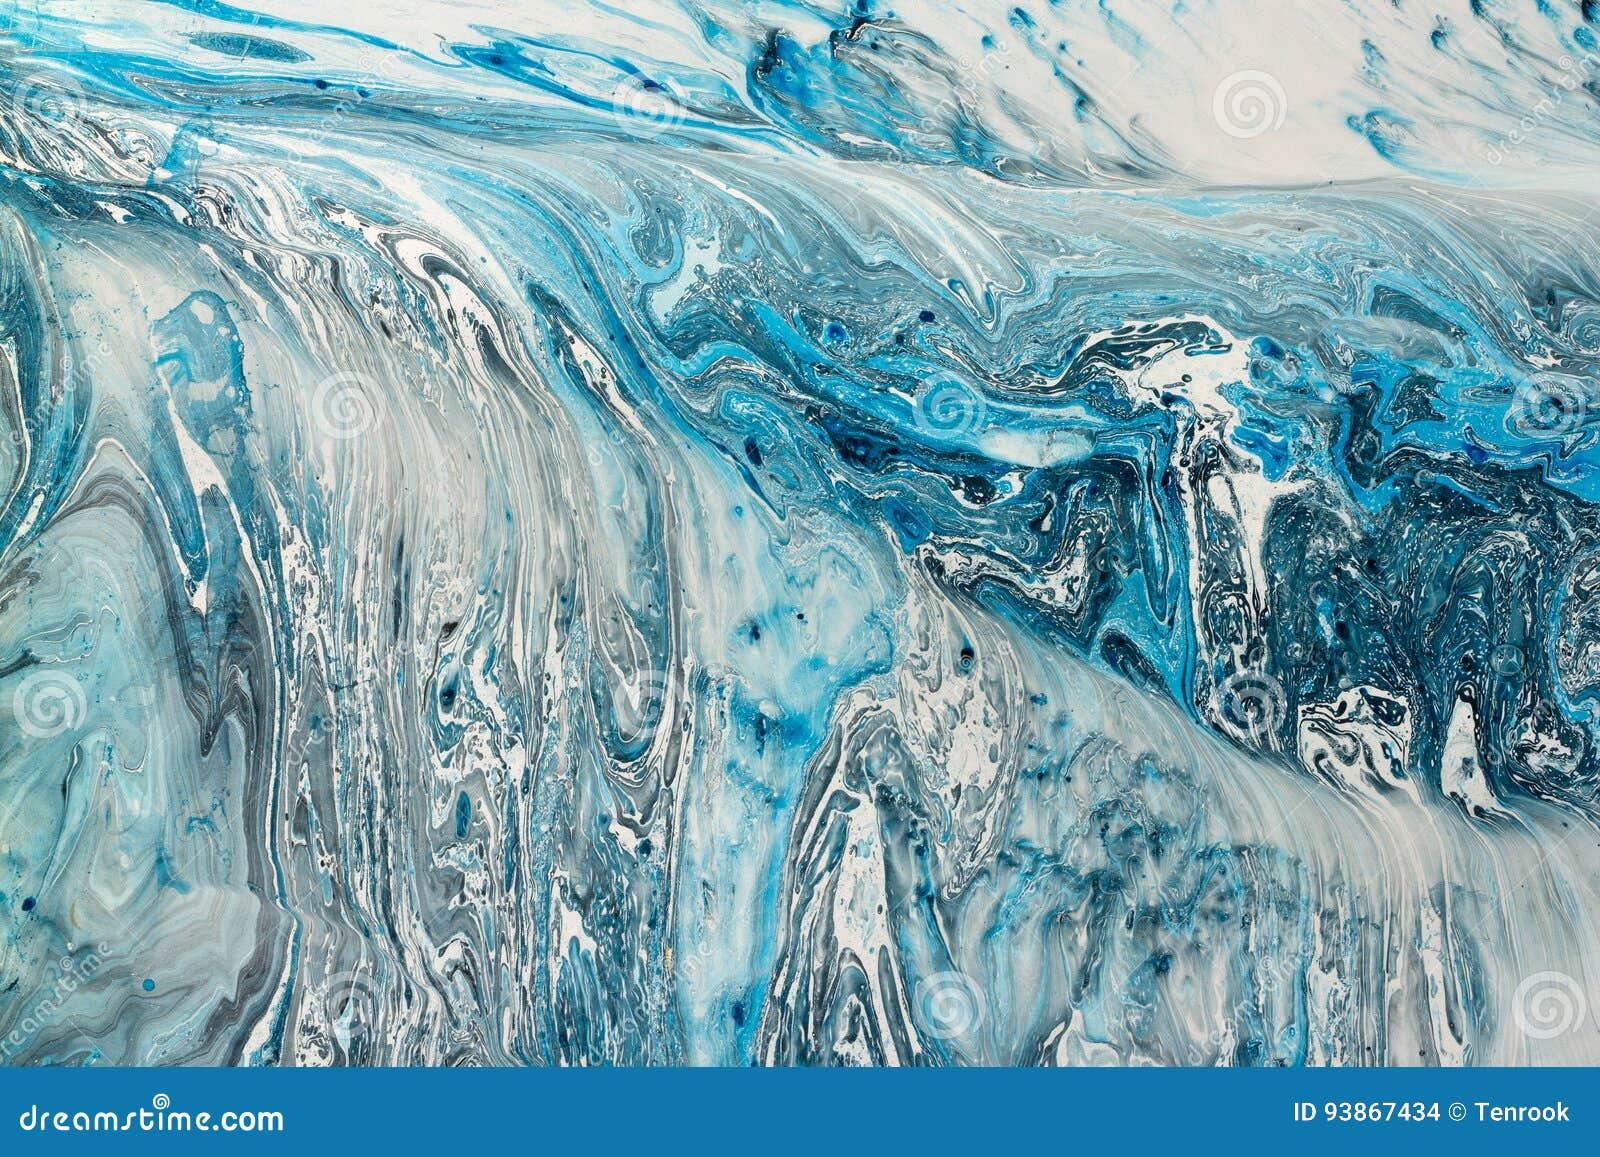 gesichts fluid, das sich bewegt